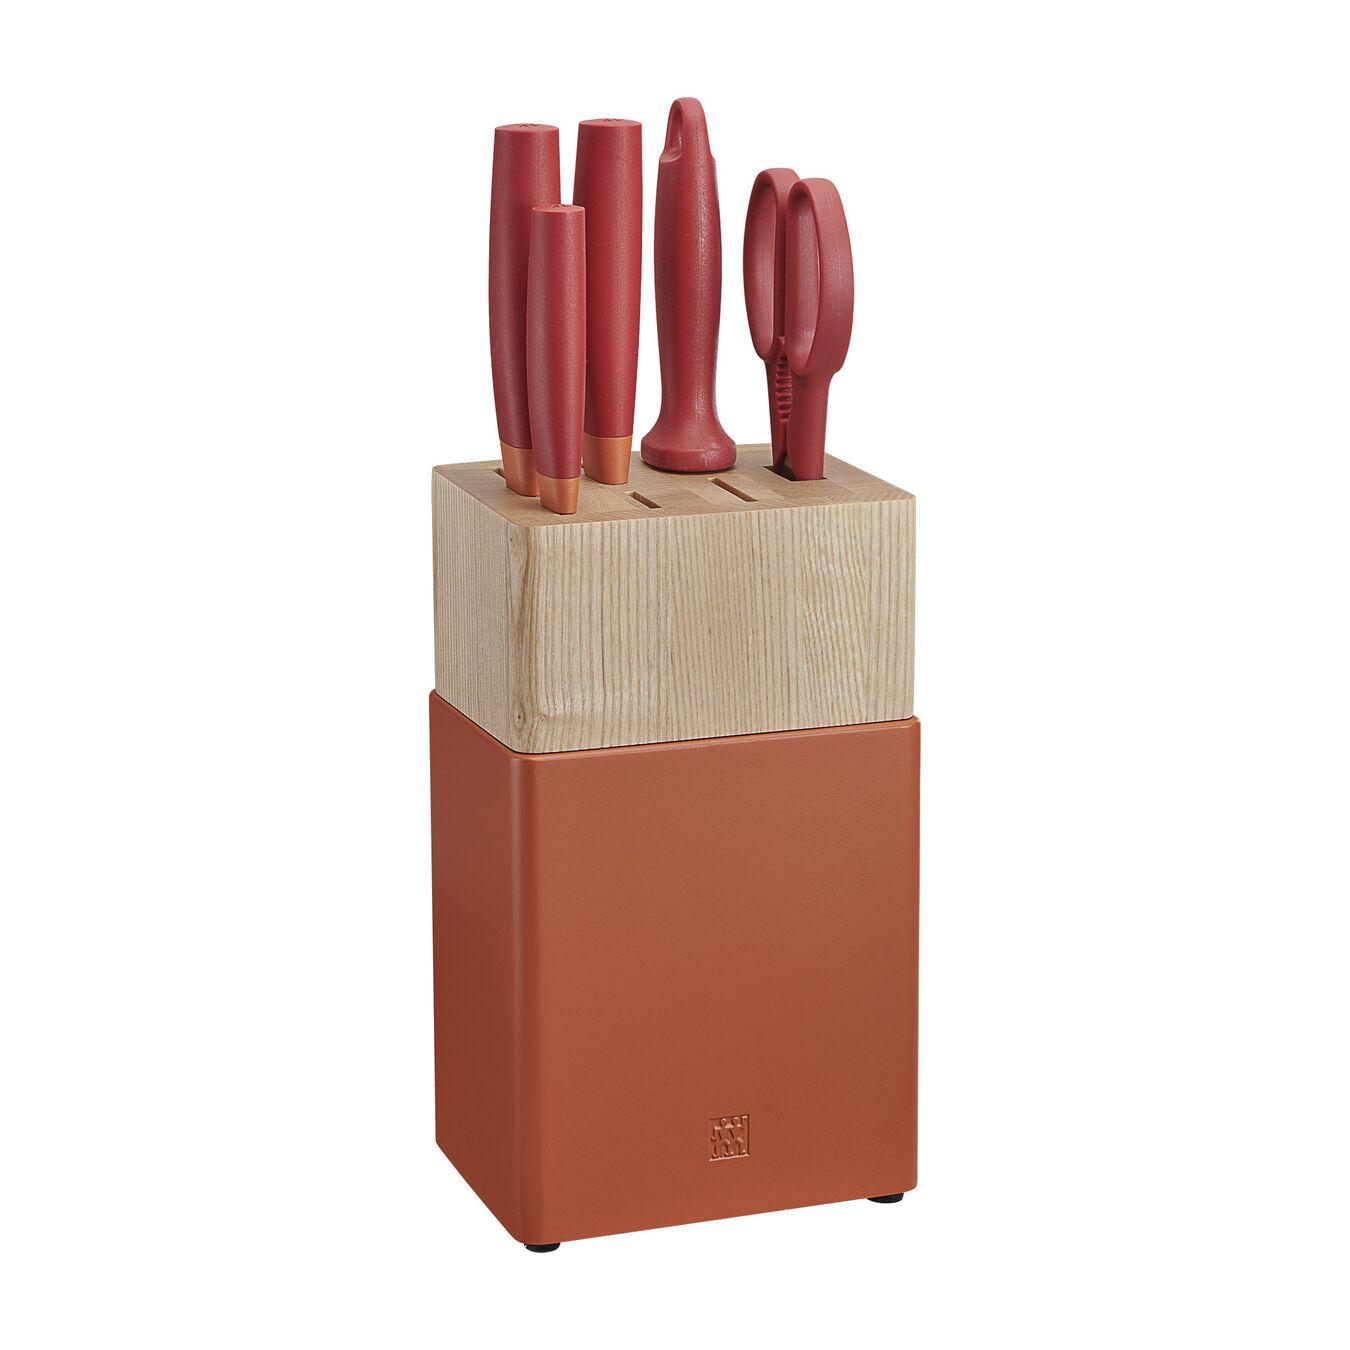 6-pc, Z Now S Knife Block Set, orange,,large 1